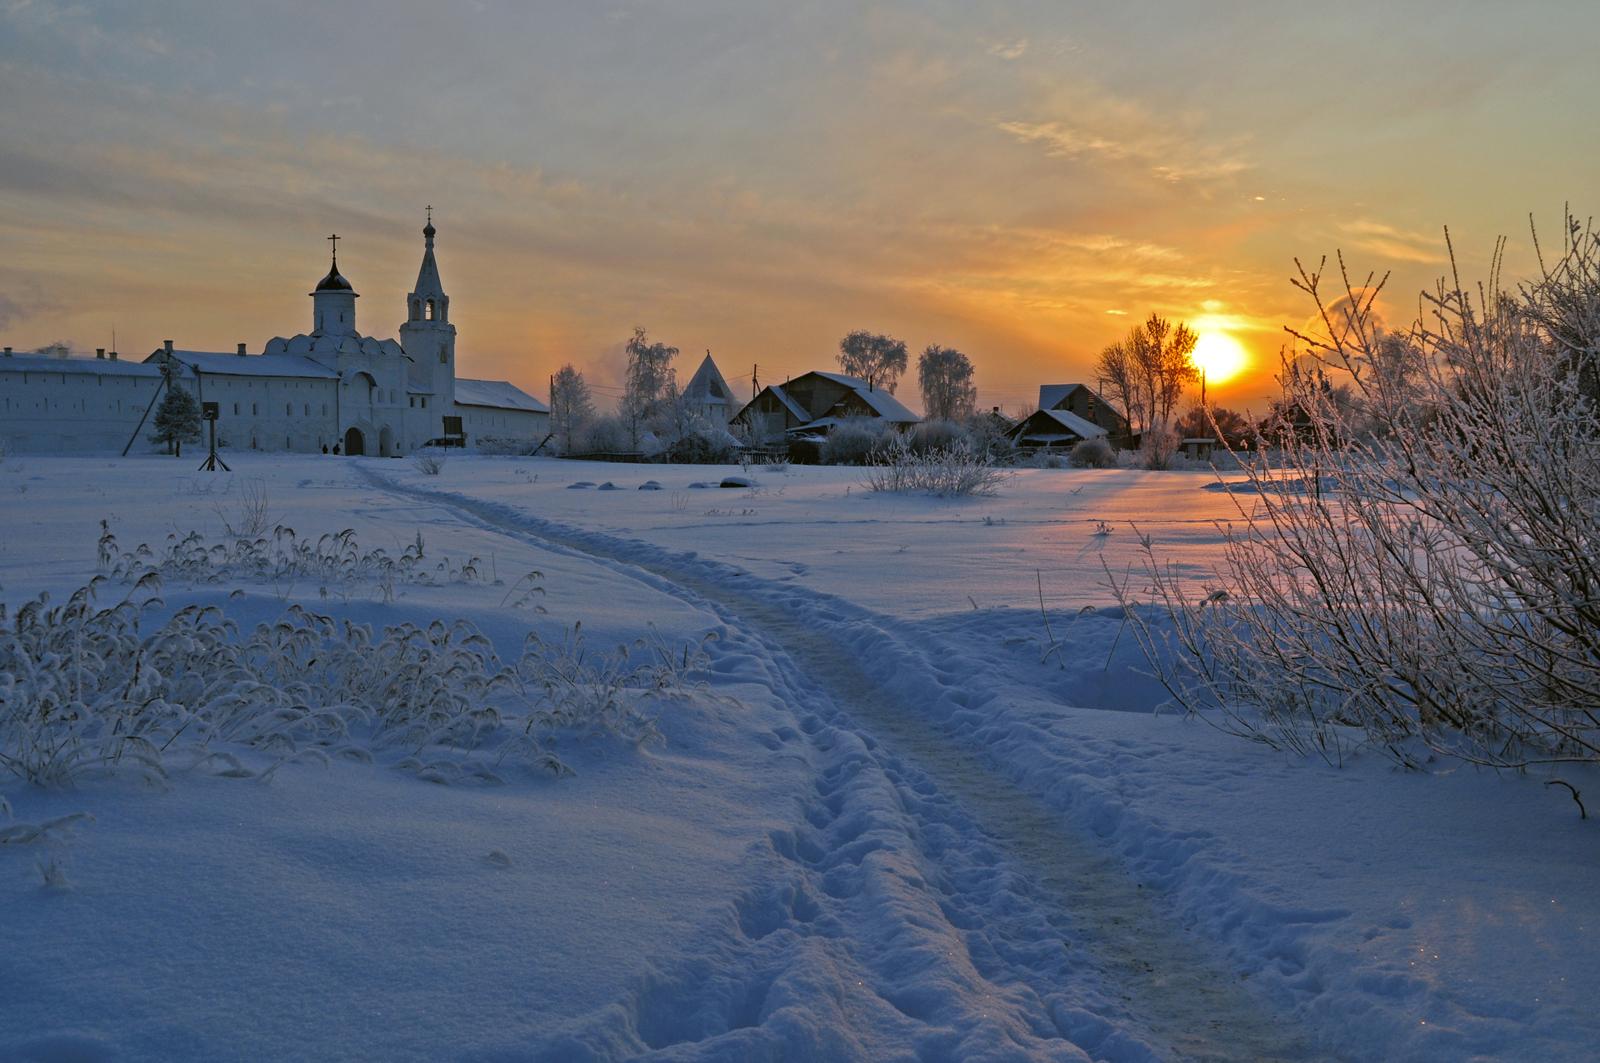 Ансамбль Спасо-Прилукского монастыря, дорога к храму